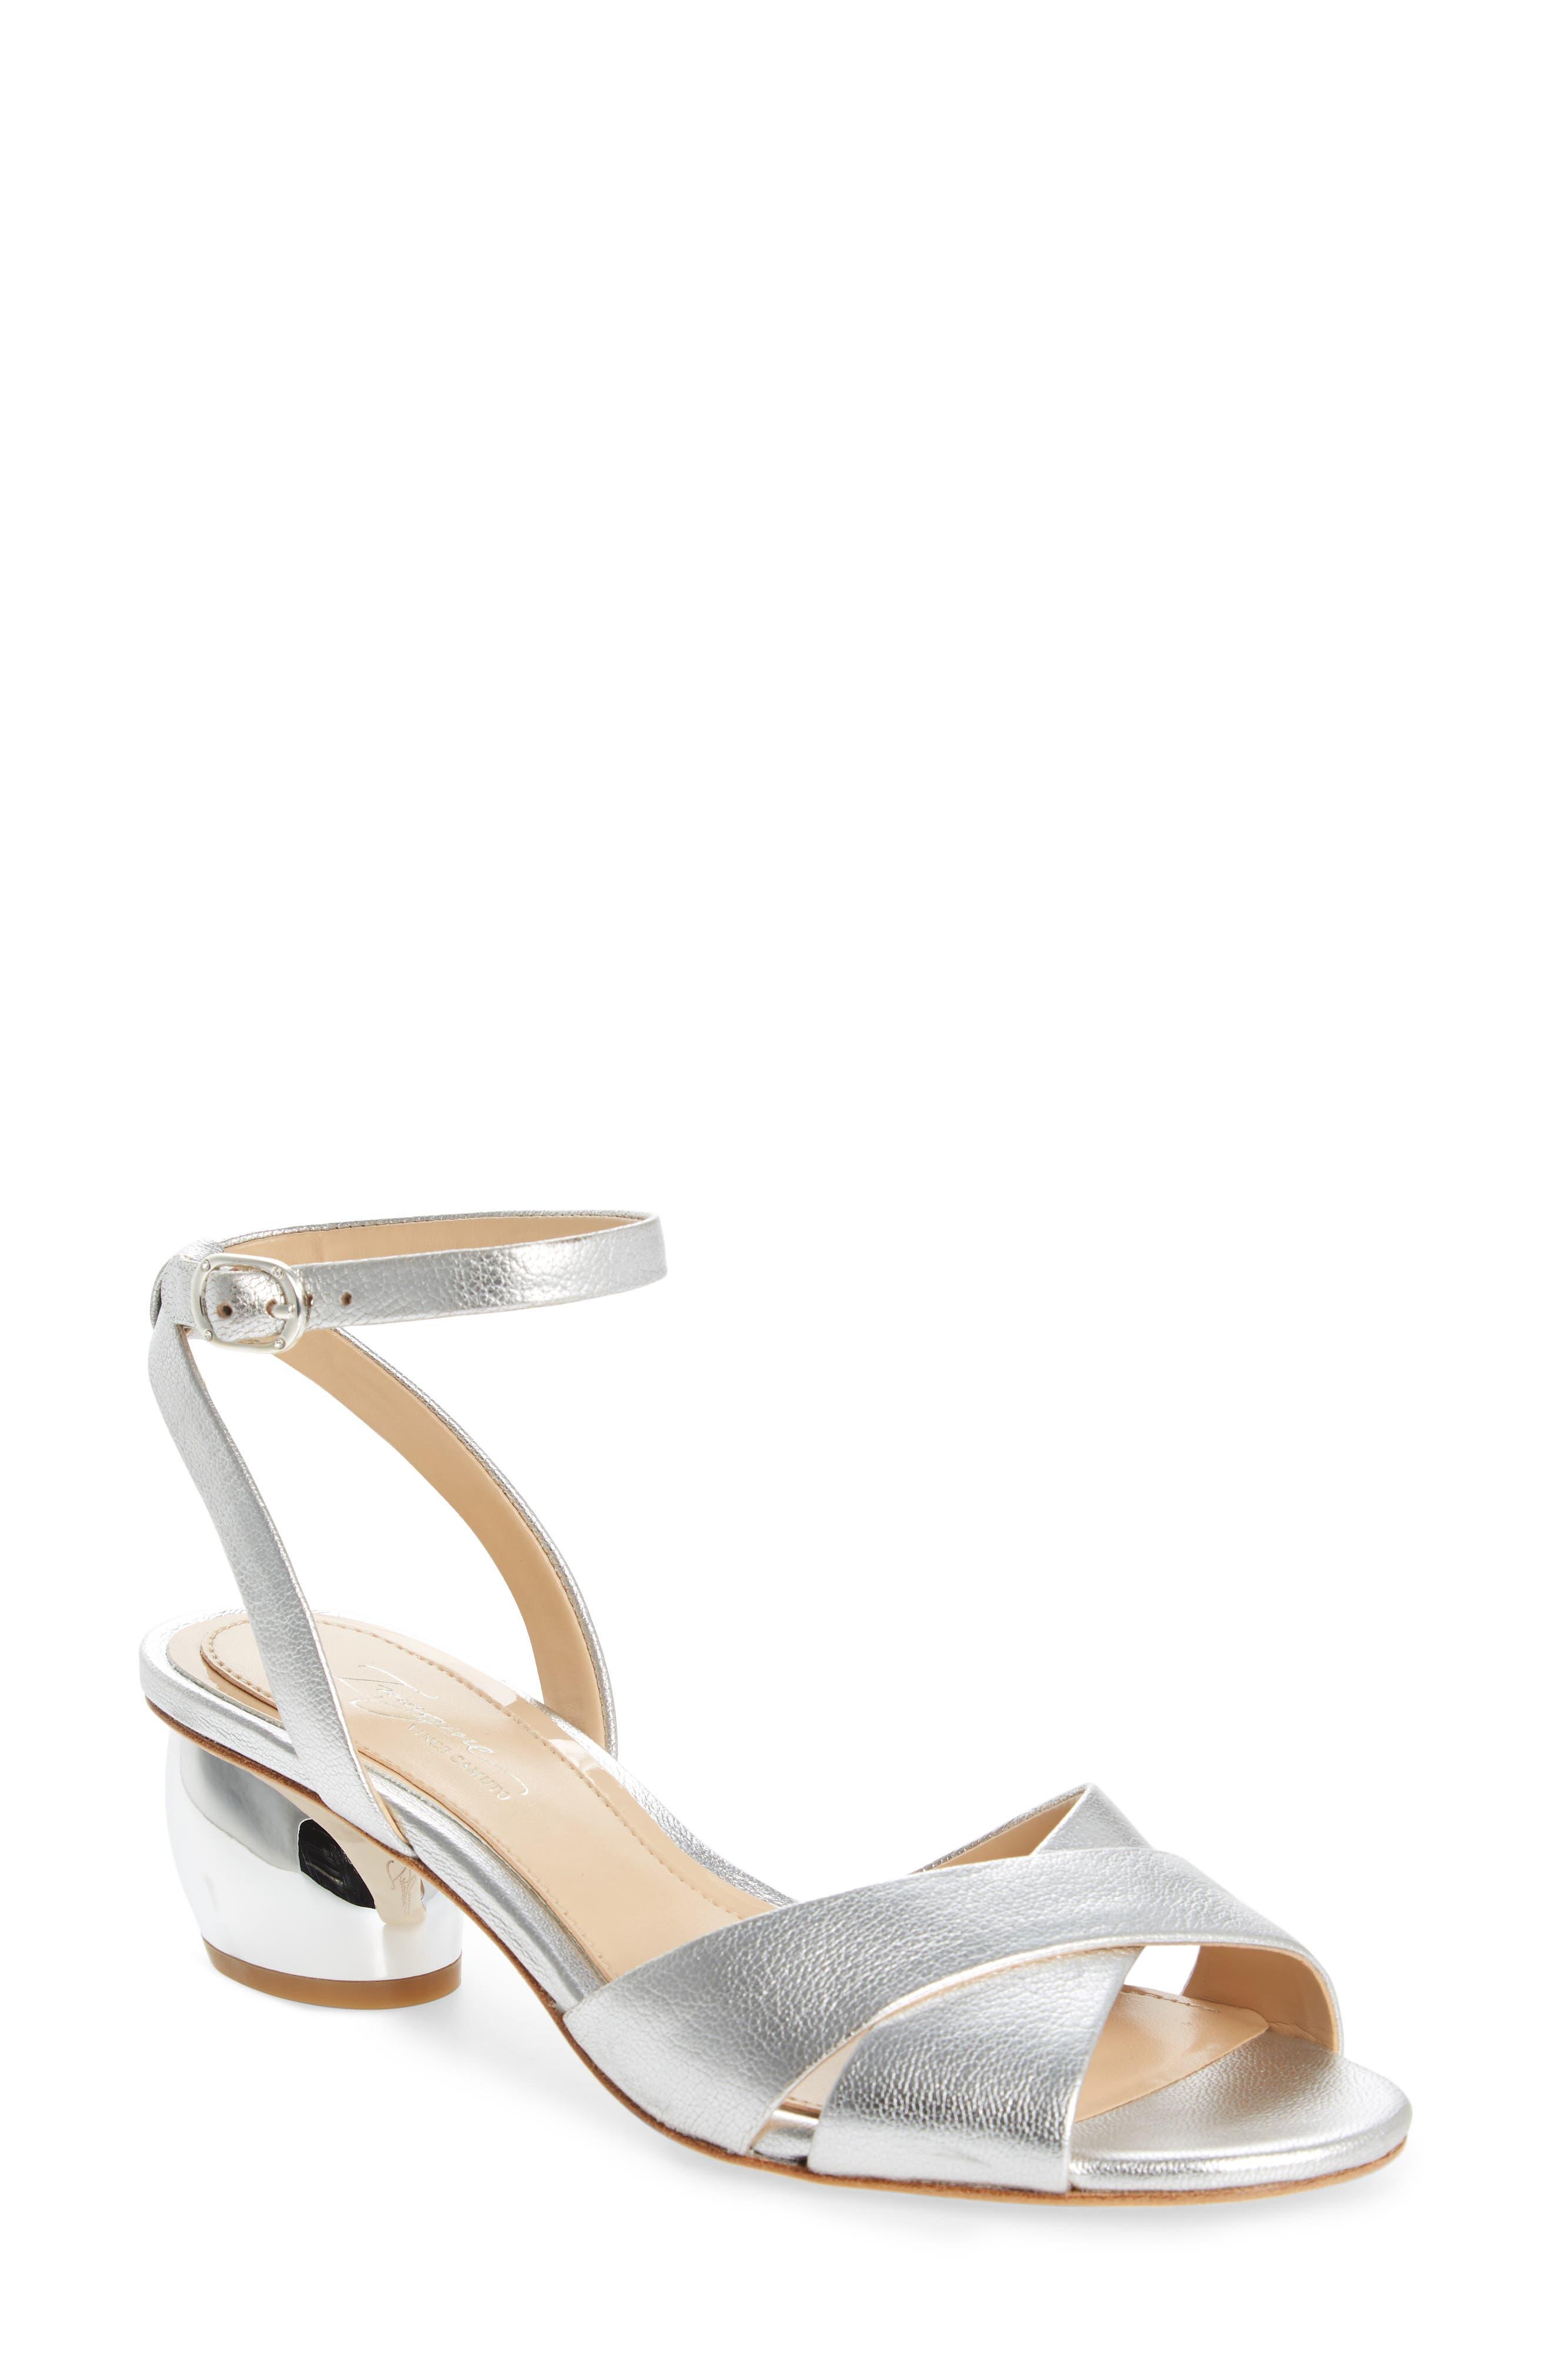 Leven Sandal,                         Main,                         color, Platinum Leather